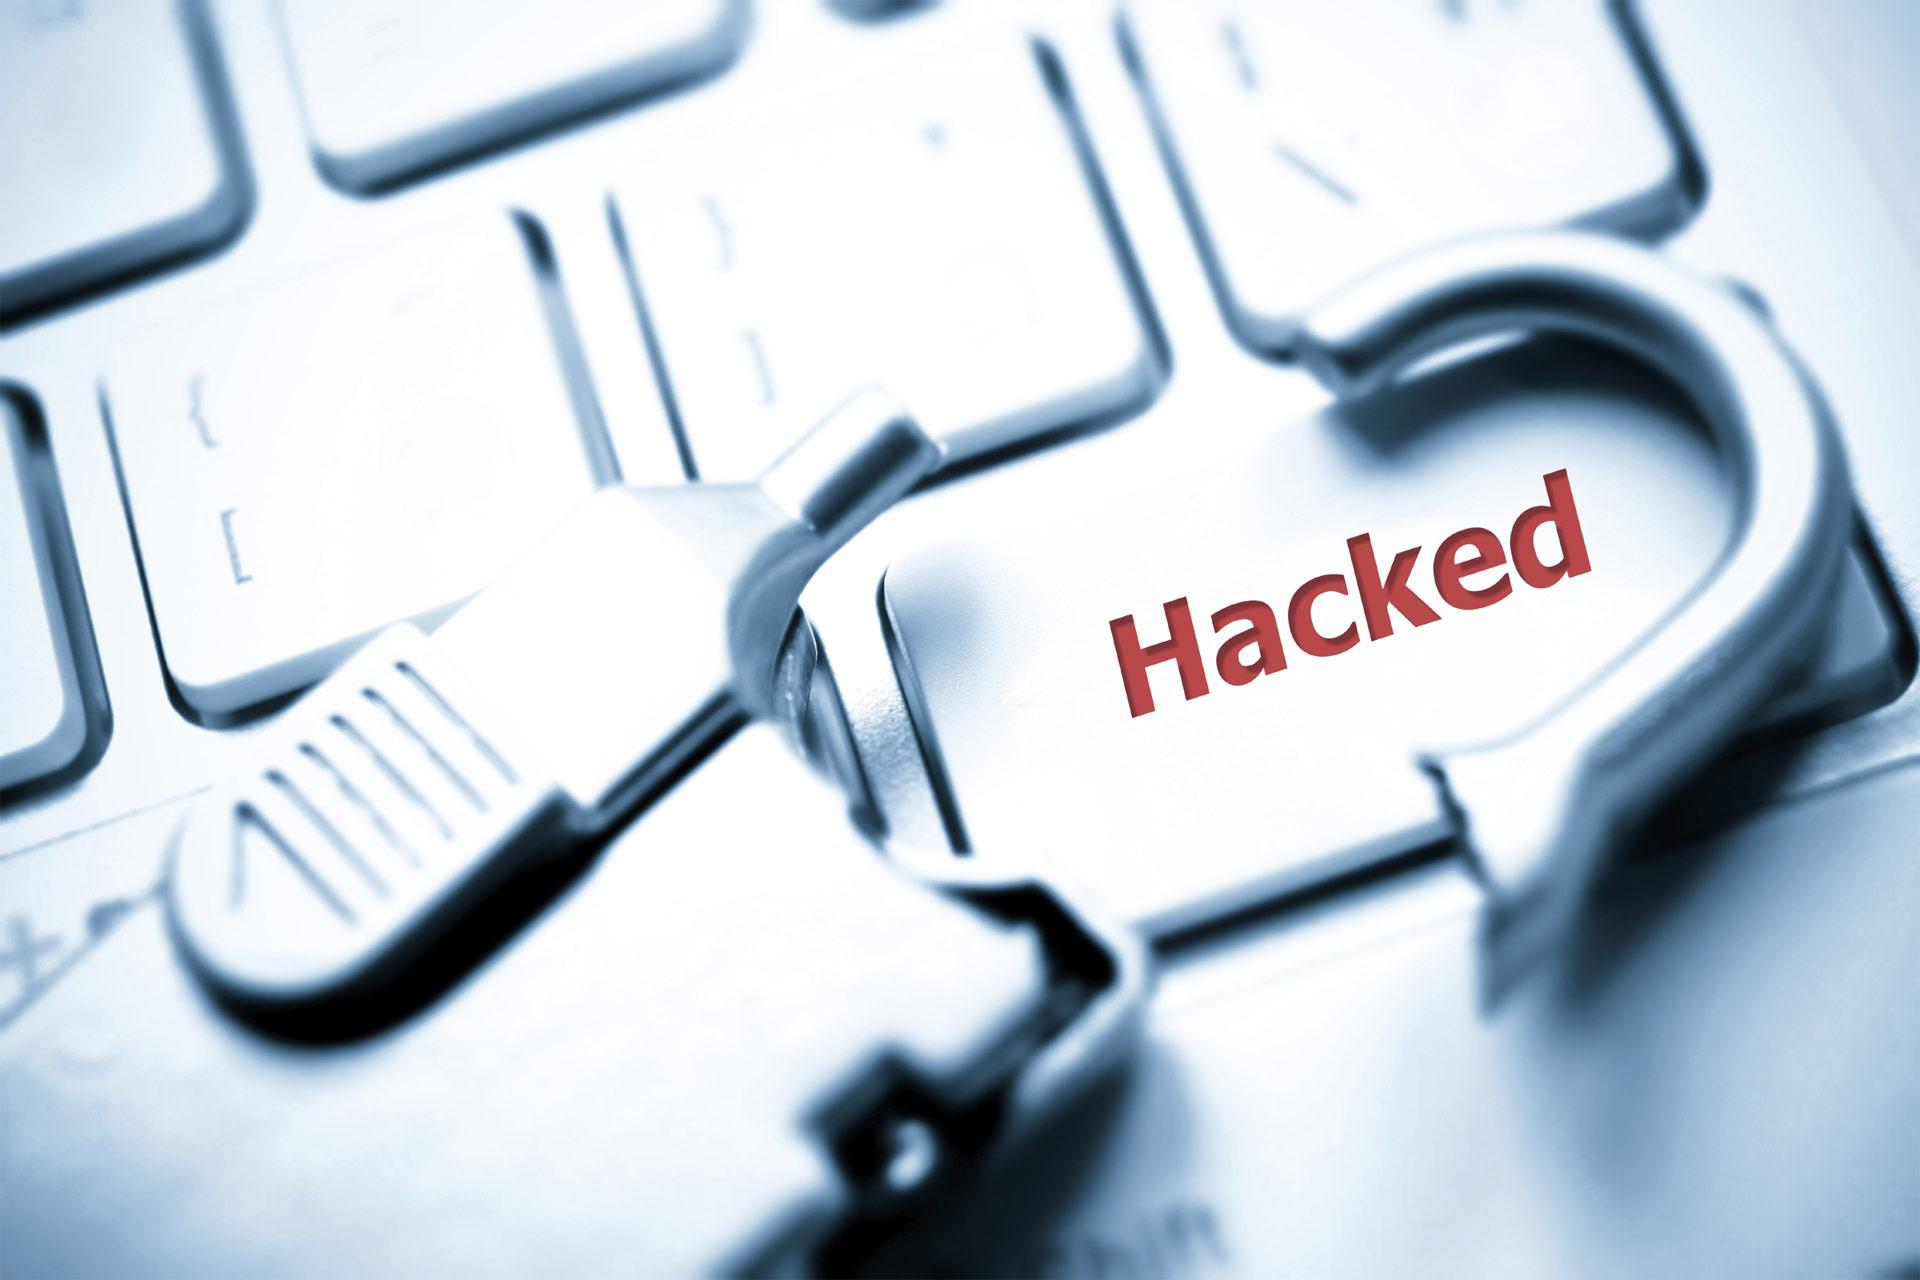 Hackers colgaron en Internet datos de las personas que usan la red de relaciones extramatrimoniales